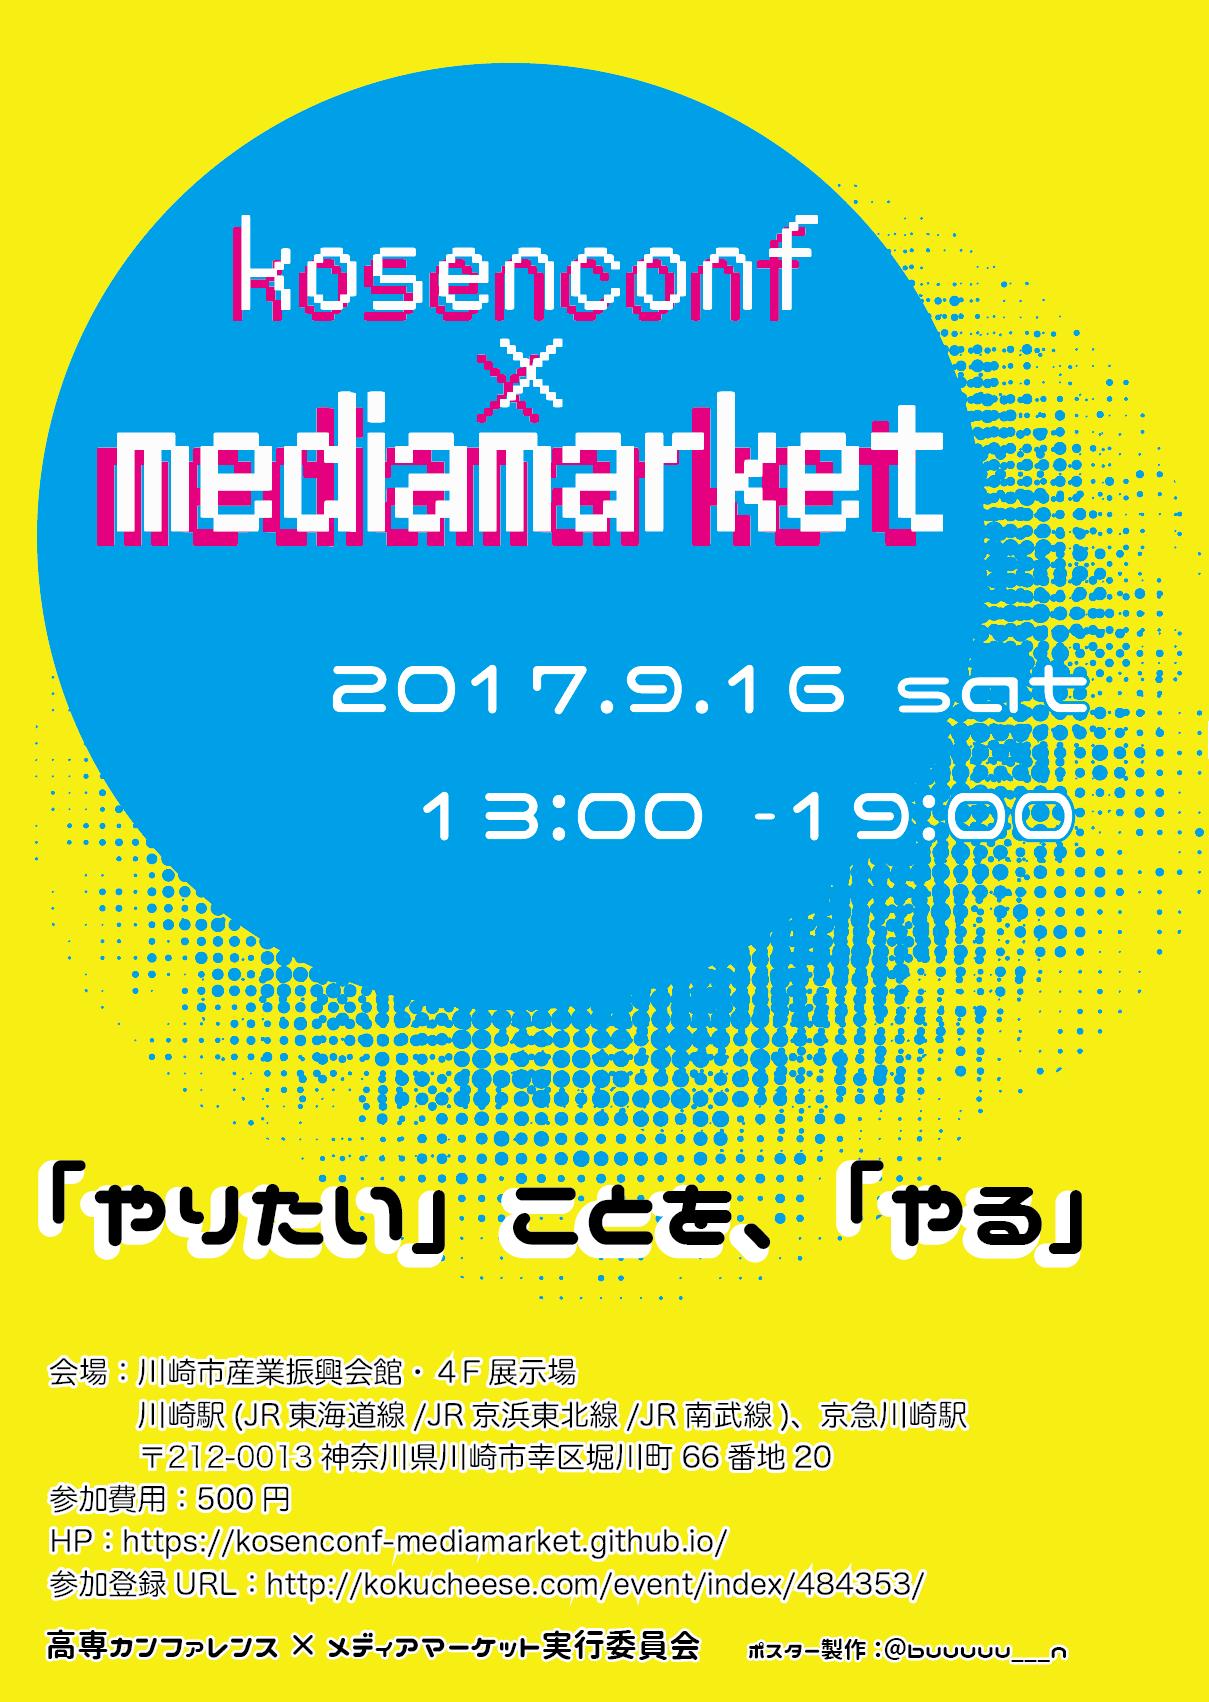 kcmm_poster